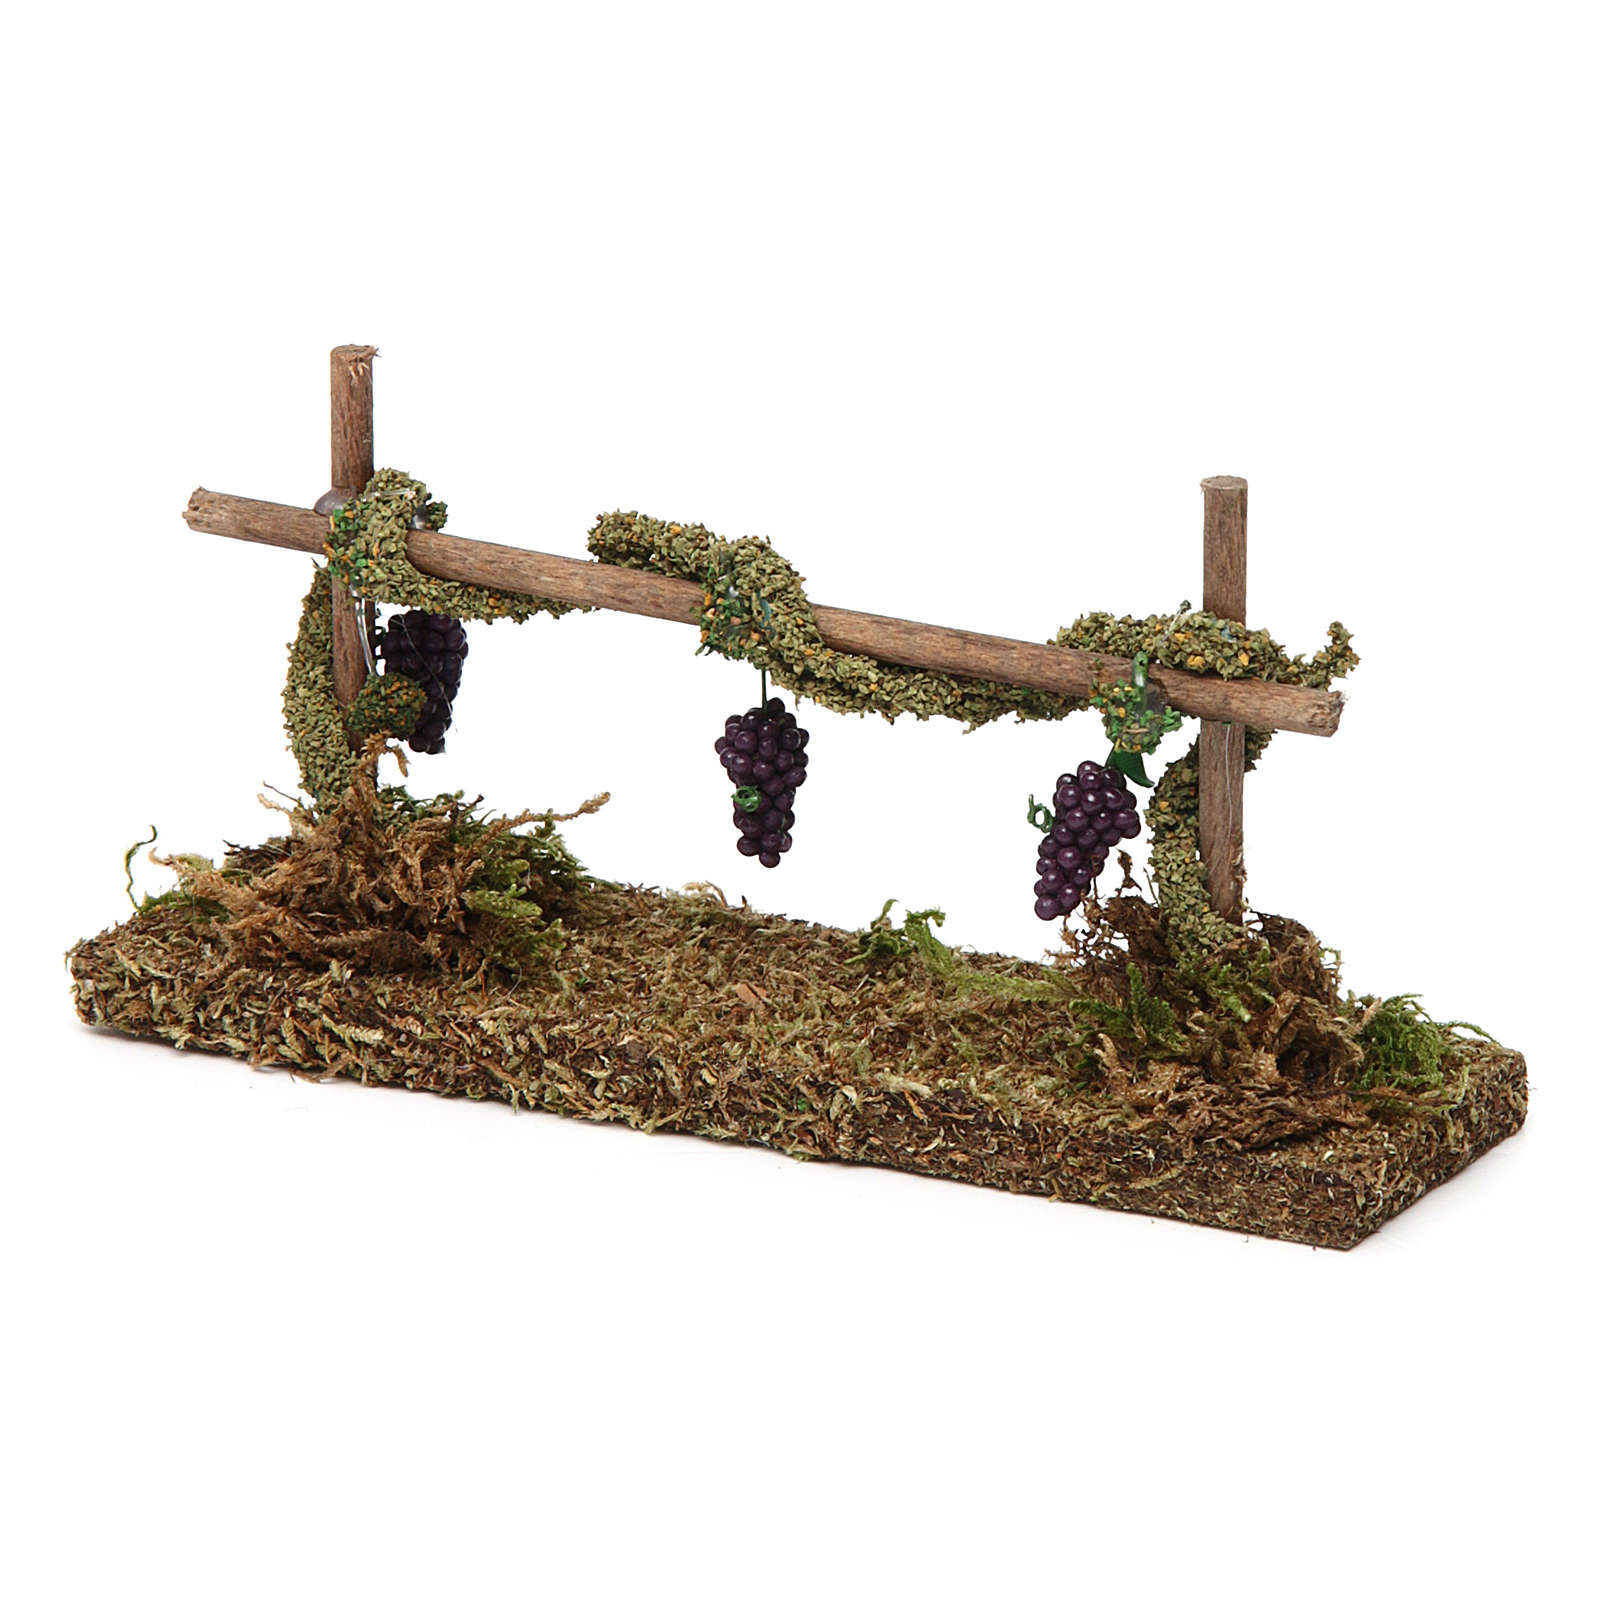 Vite con uva 5x15x5 cm 4